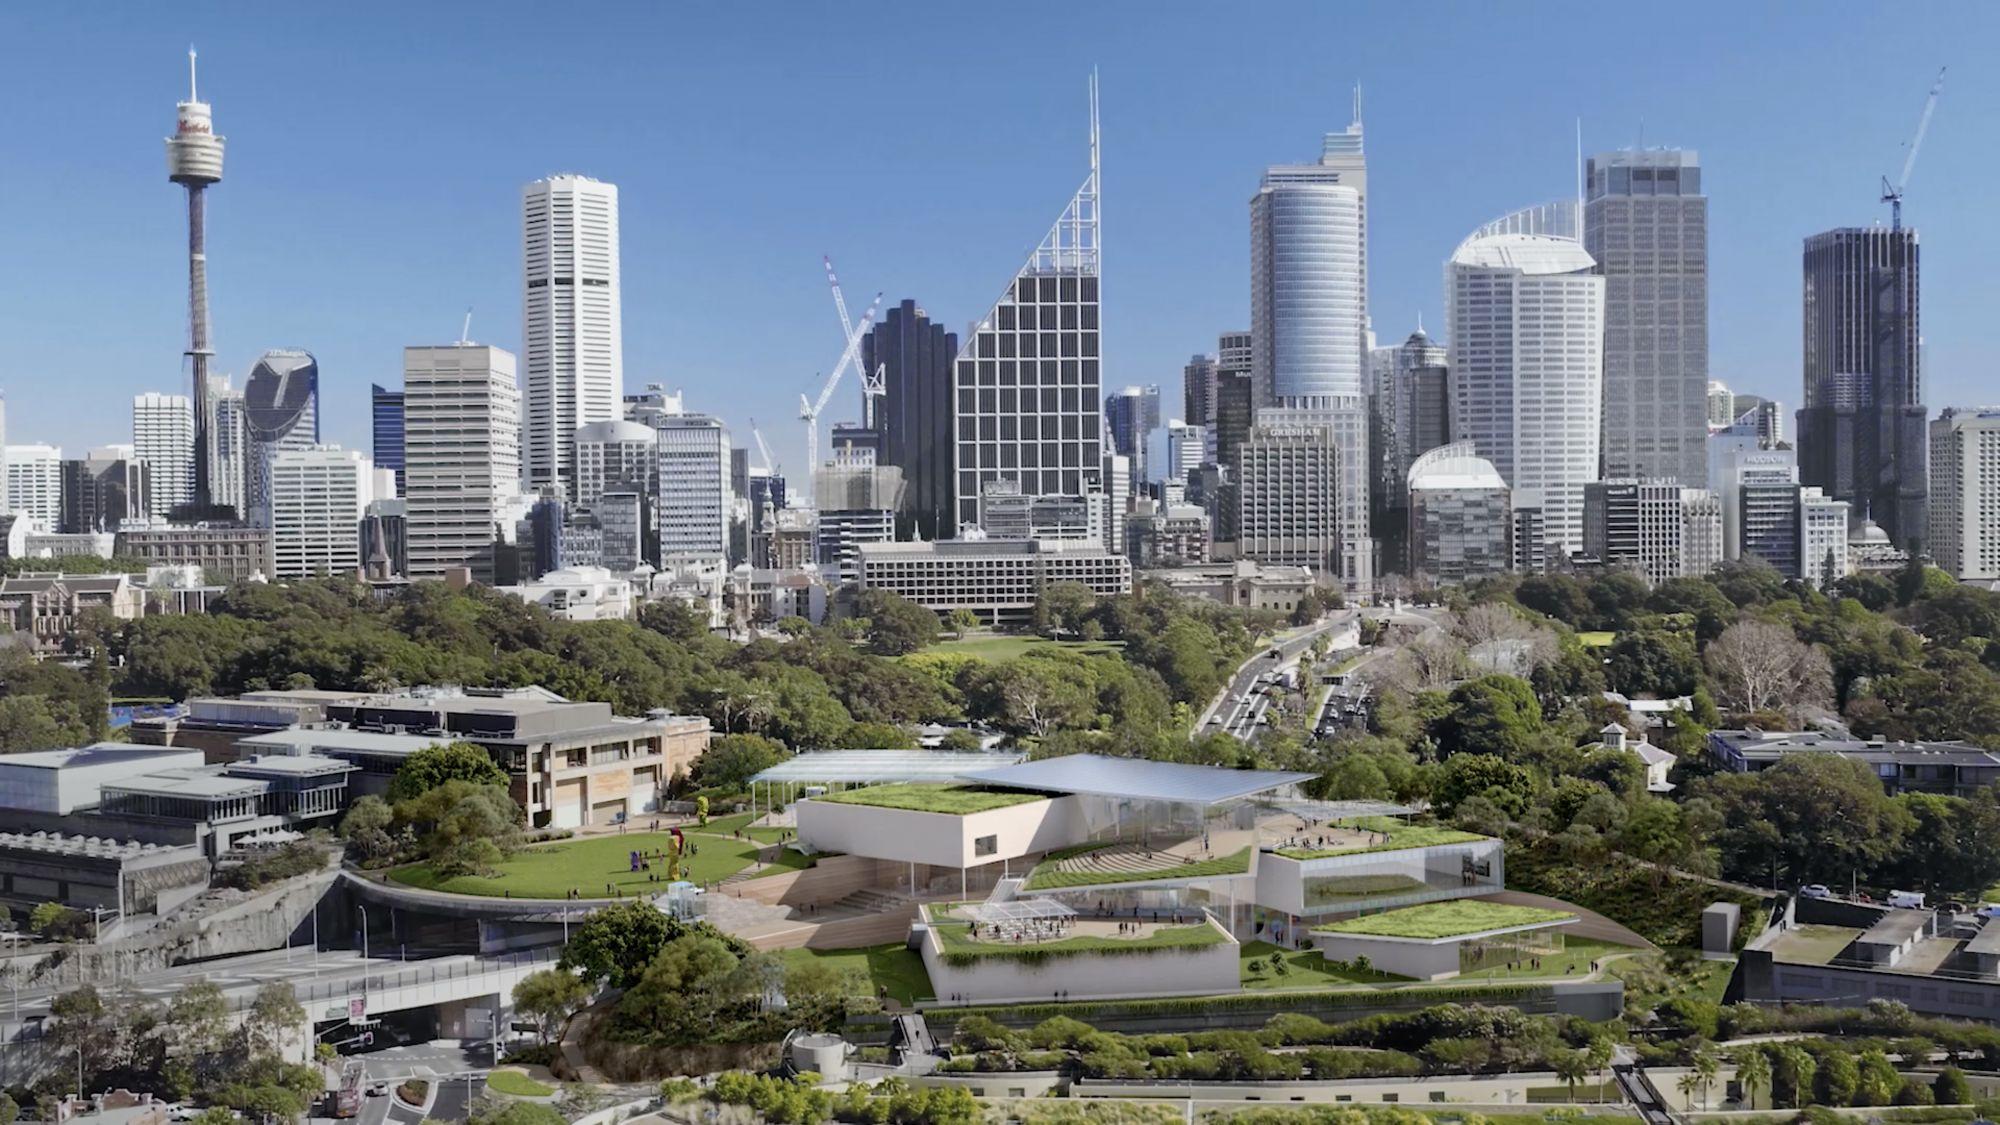 2022下半年完工!澳洲全新藝術打卡點 新南威爾士藝術博物館新館 由普利茲克建築獎得主操刀